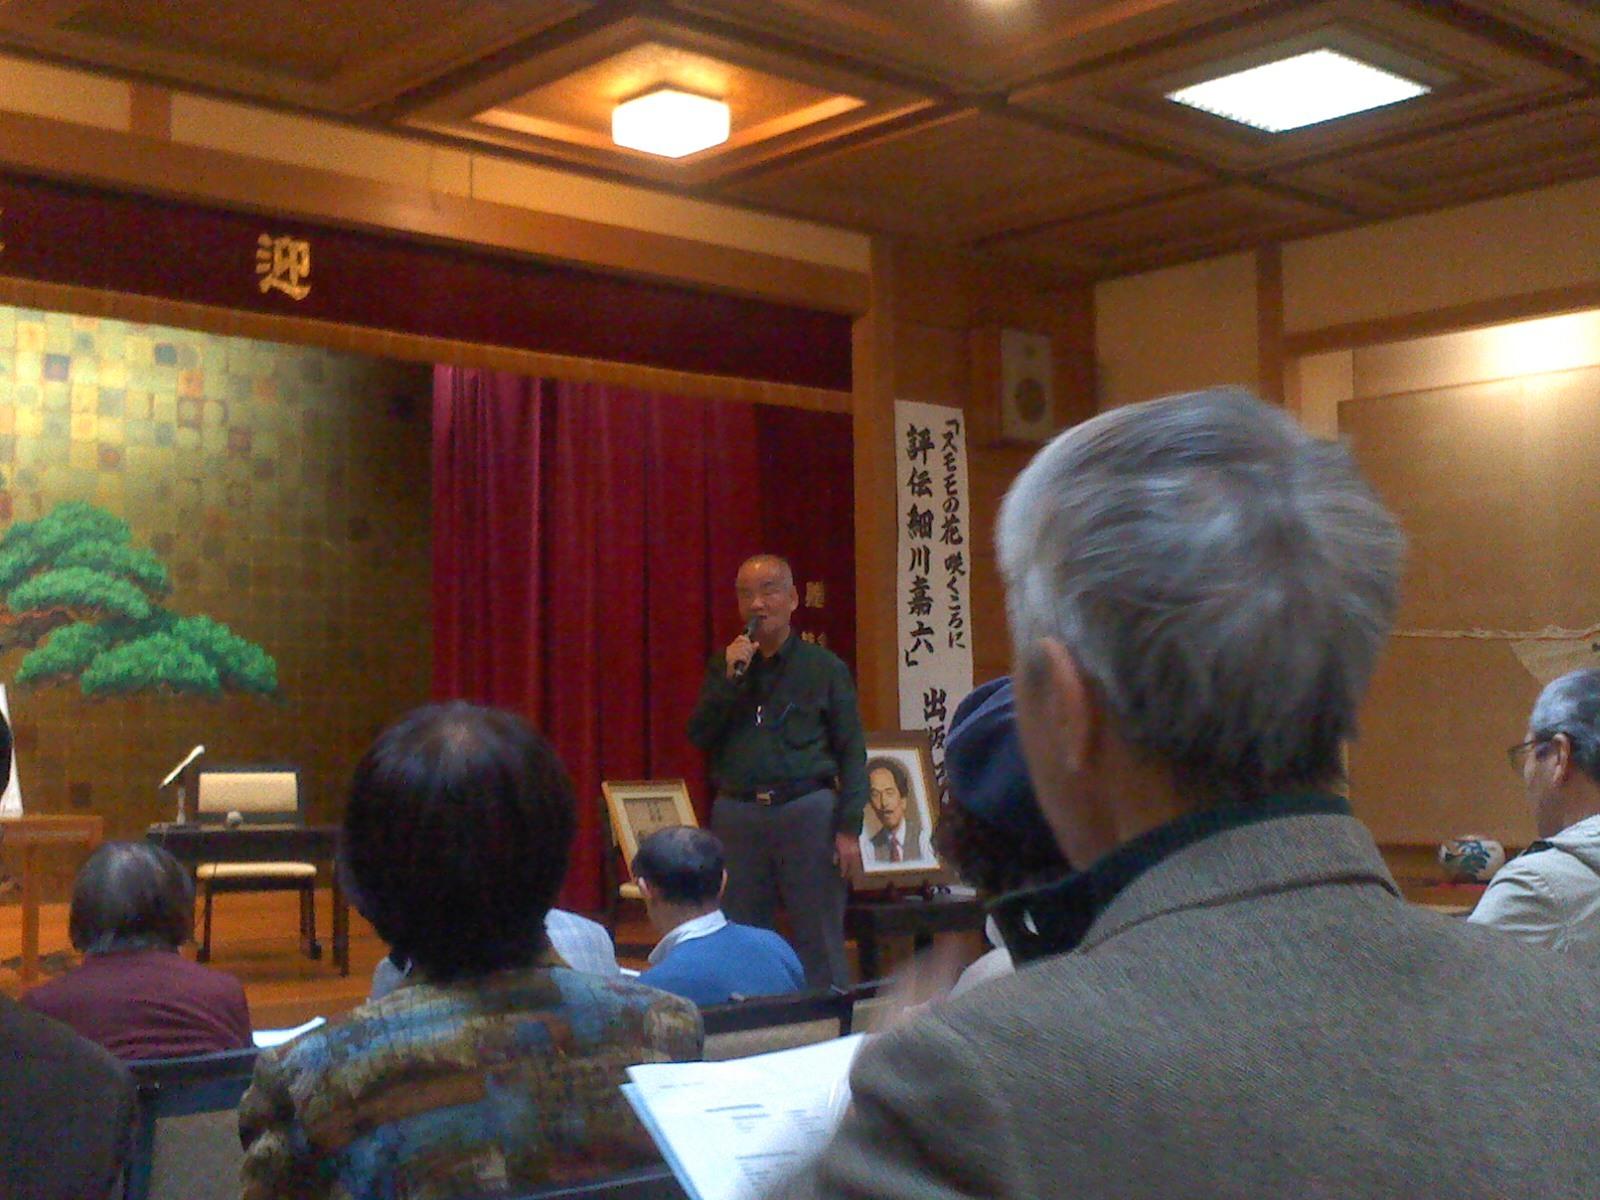 『評伝 細川嘉六』出版記念対談から一週間、そして開戦の12月8日_e0178600_22421888.jpg